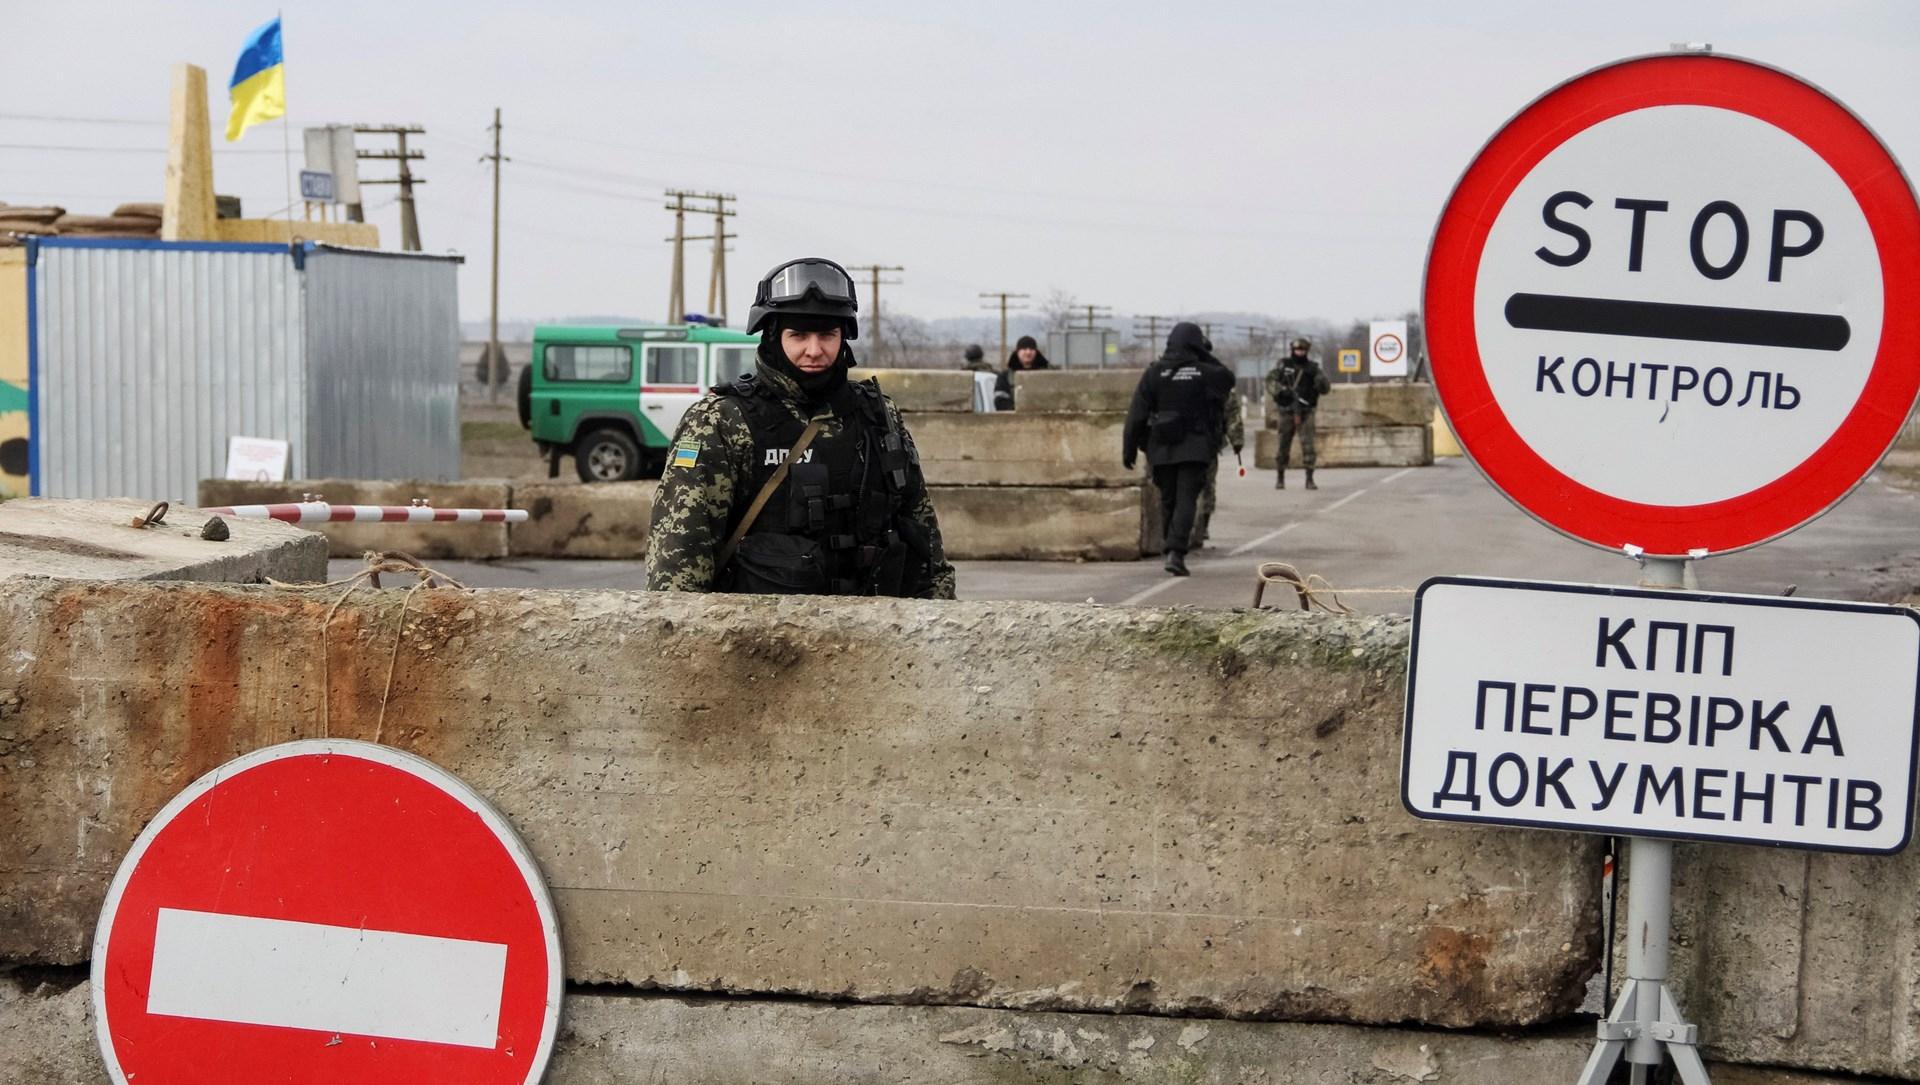 Украинцы просят Порошенко поставить американские ракеты на границе с Крымом